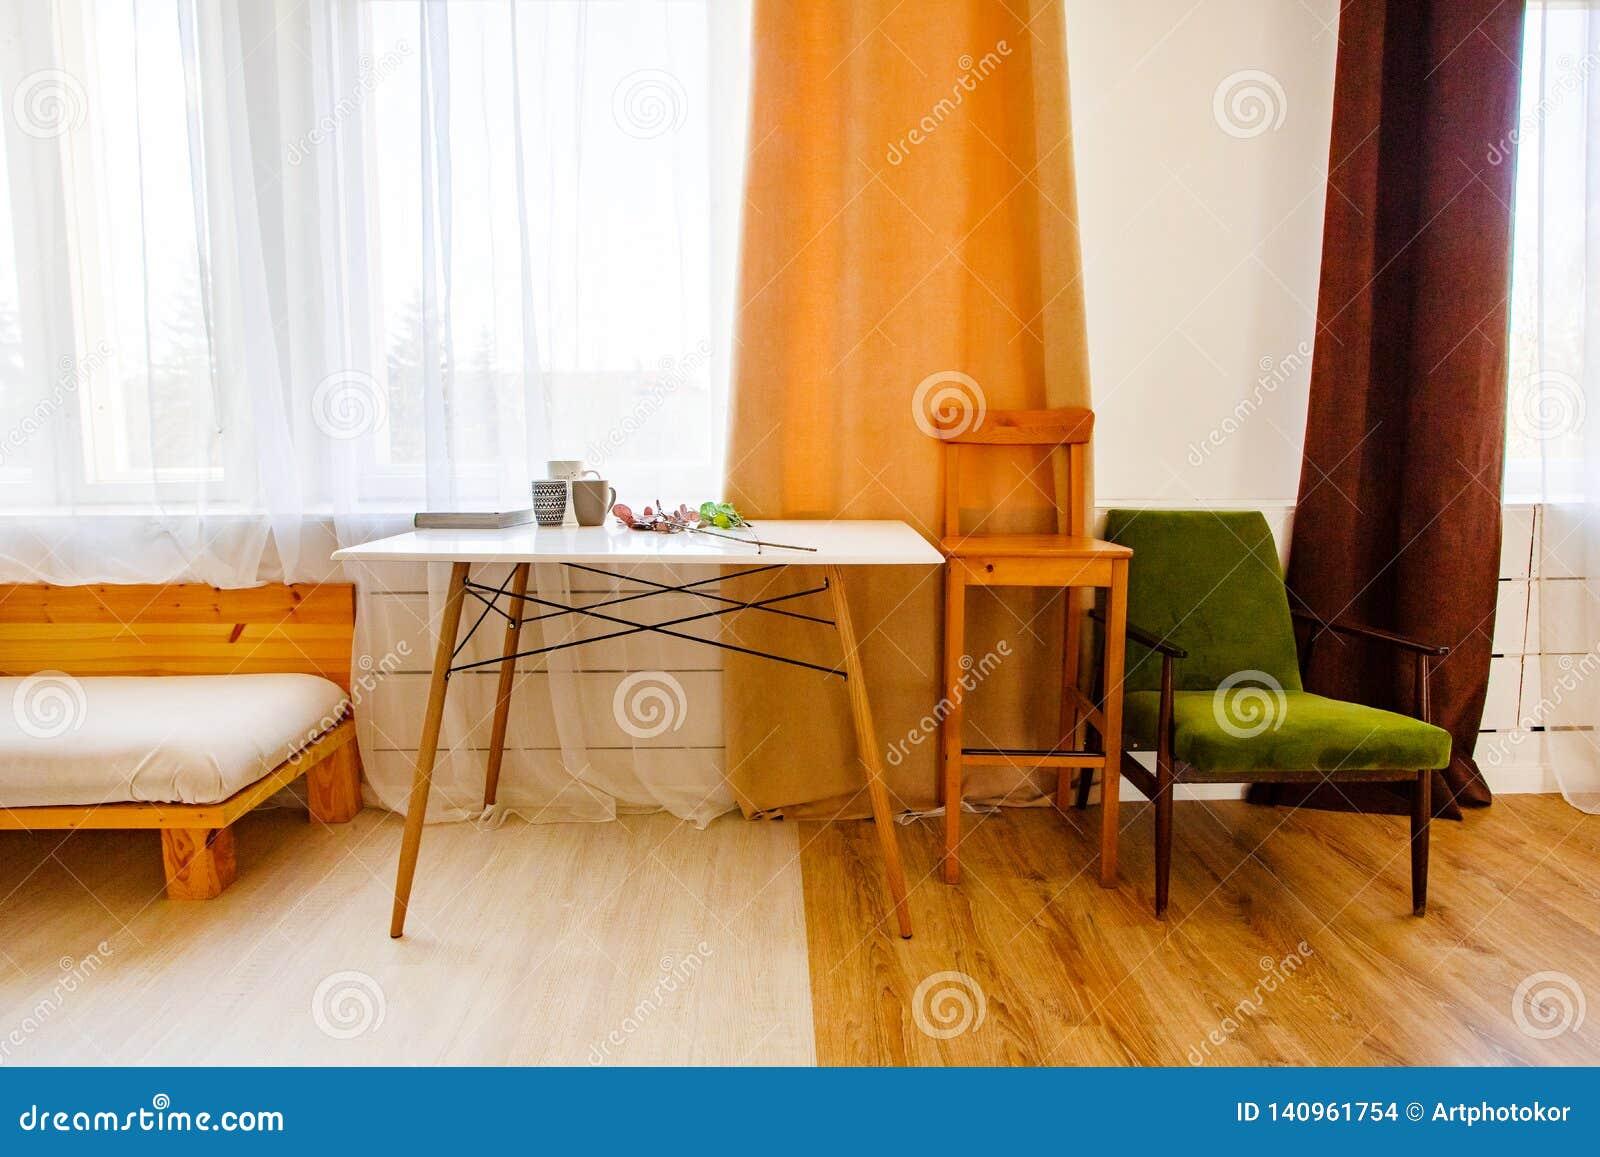 Modern interior in kitchen. Room decor concept